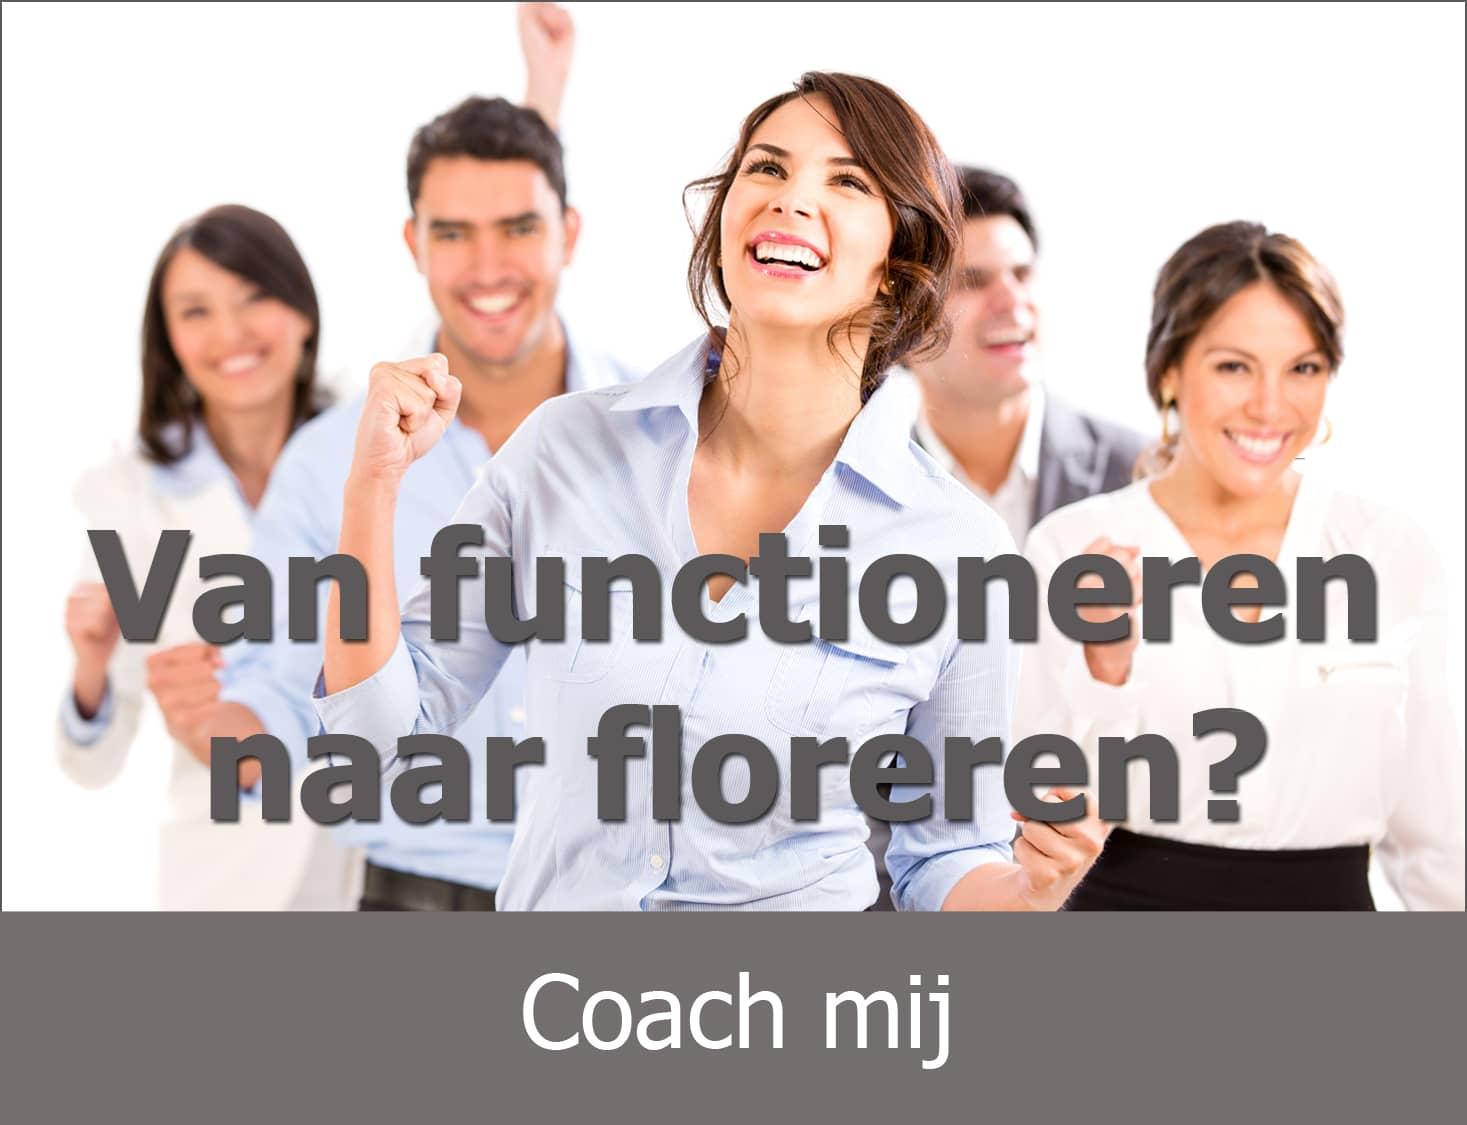 coach, coaching, relaxation, meditation